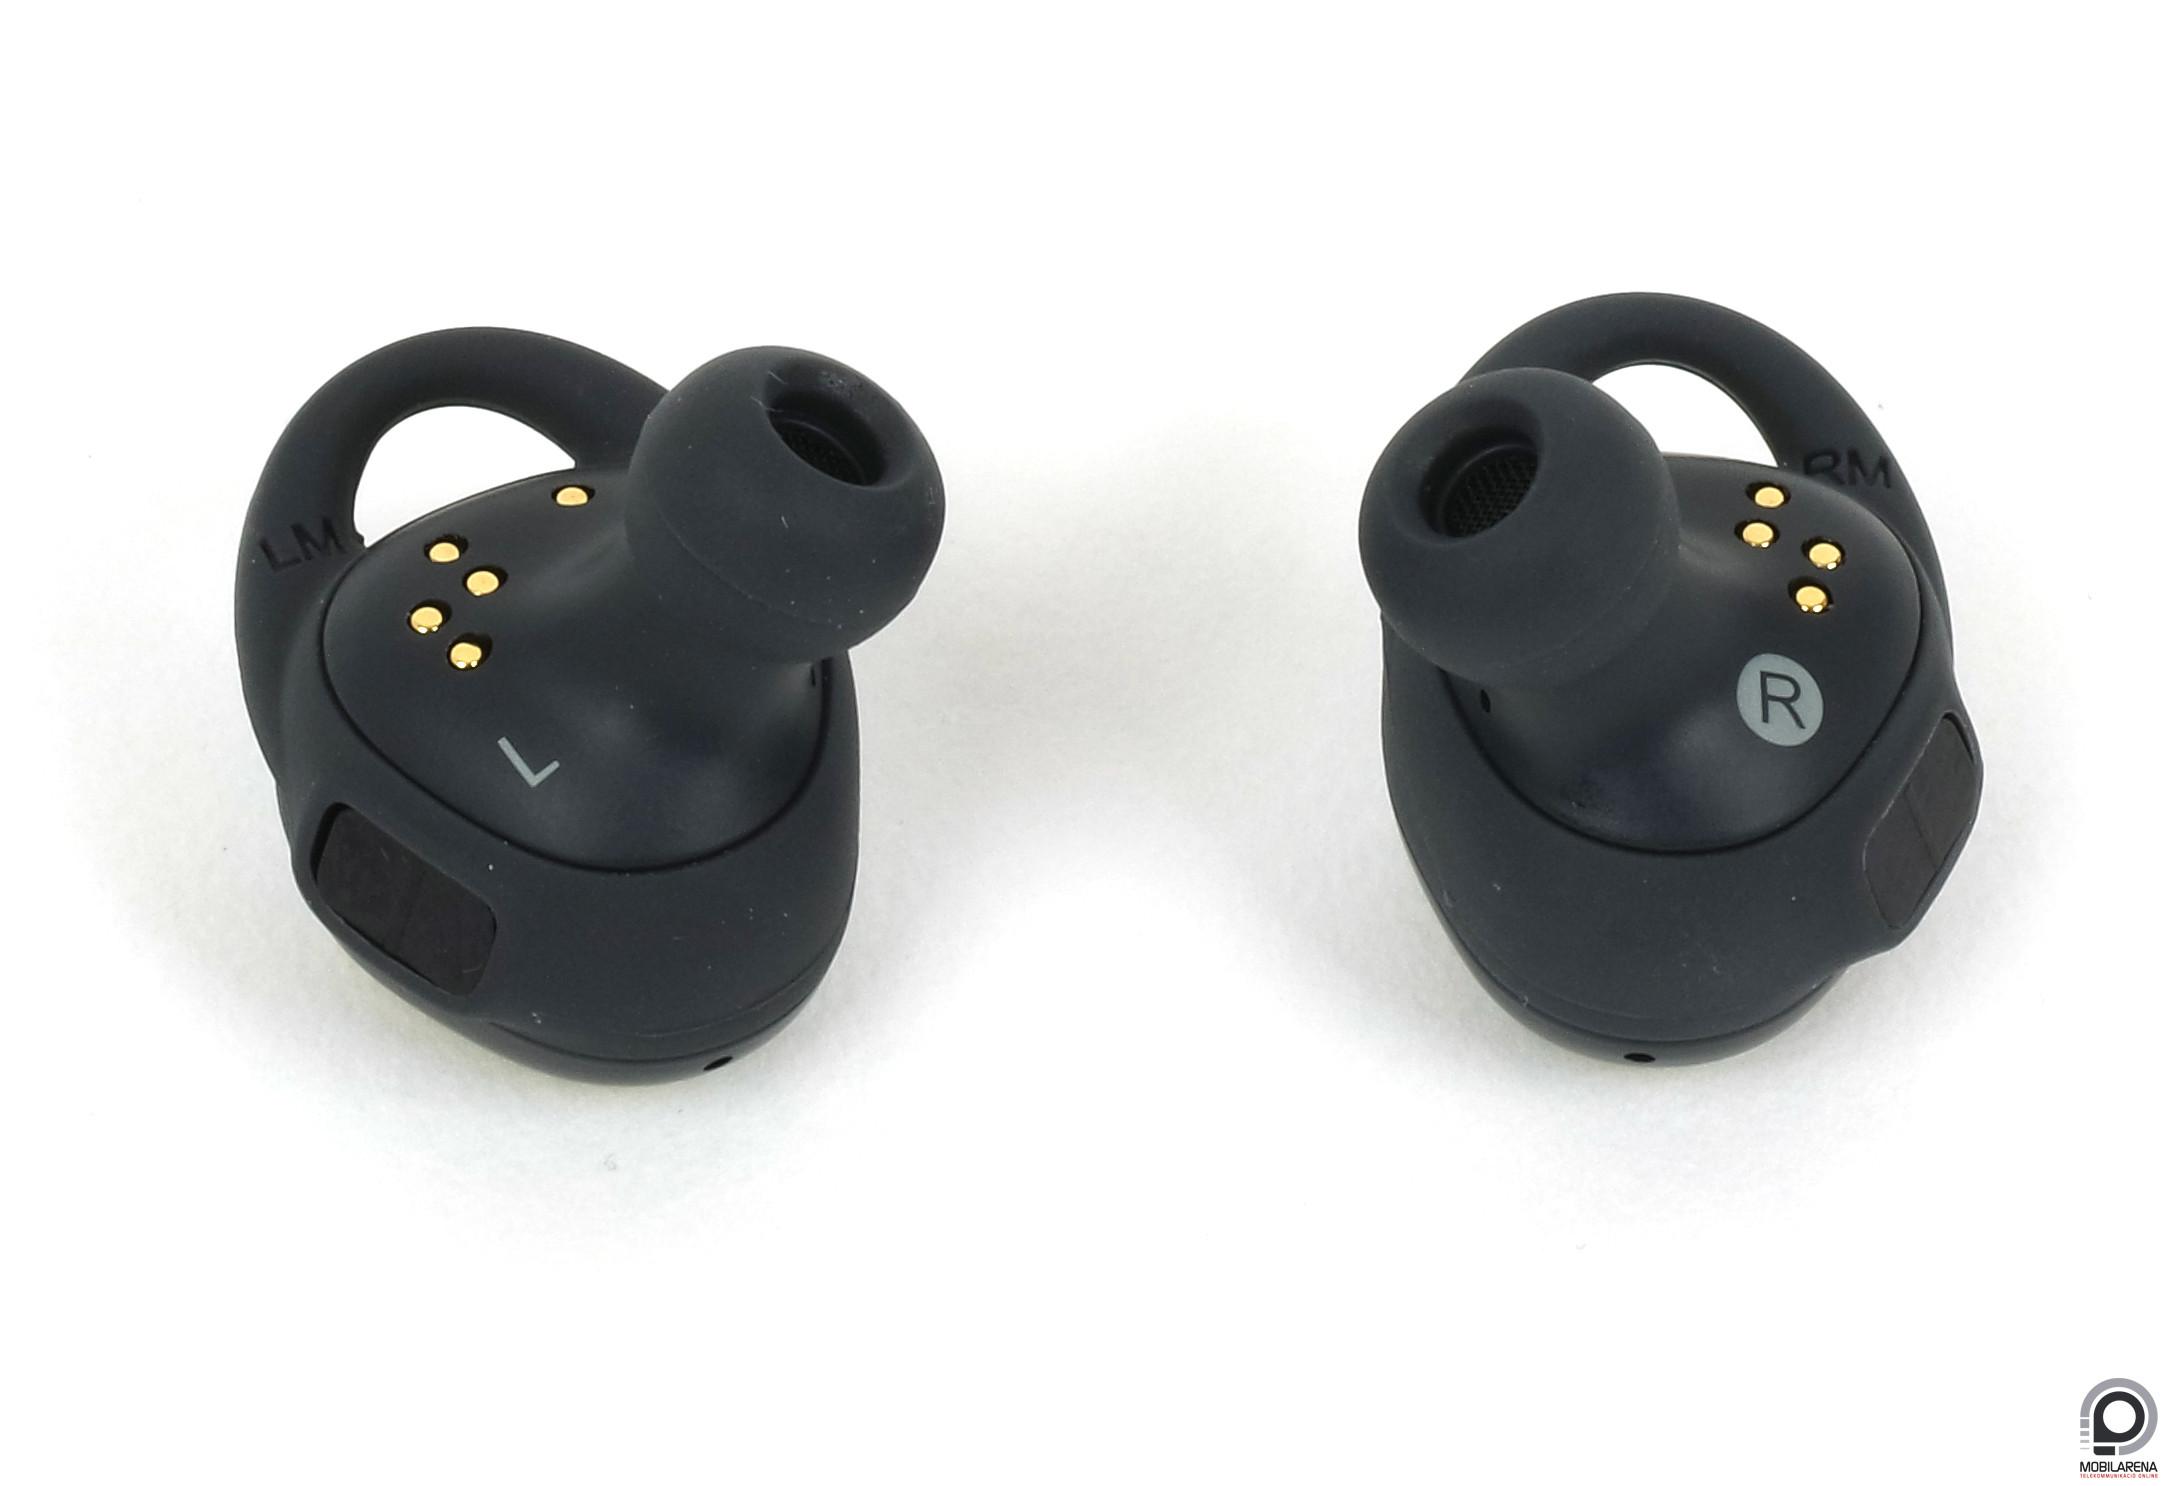 Samsung Gear IconX - okosodó fülhallgató - Mobilarena Tartozékok teszt eb39c8a123